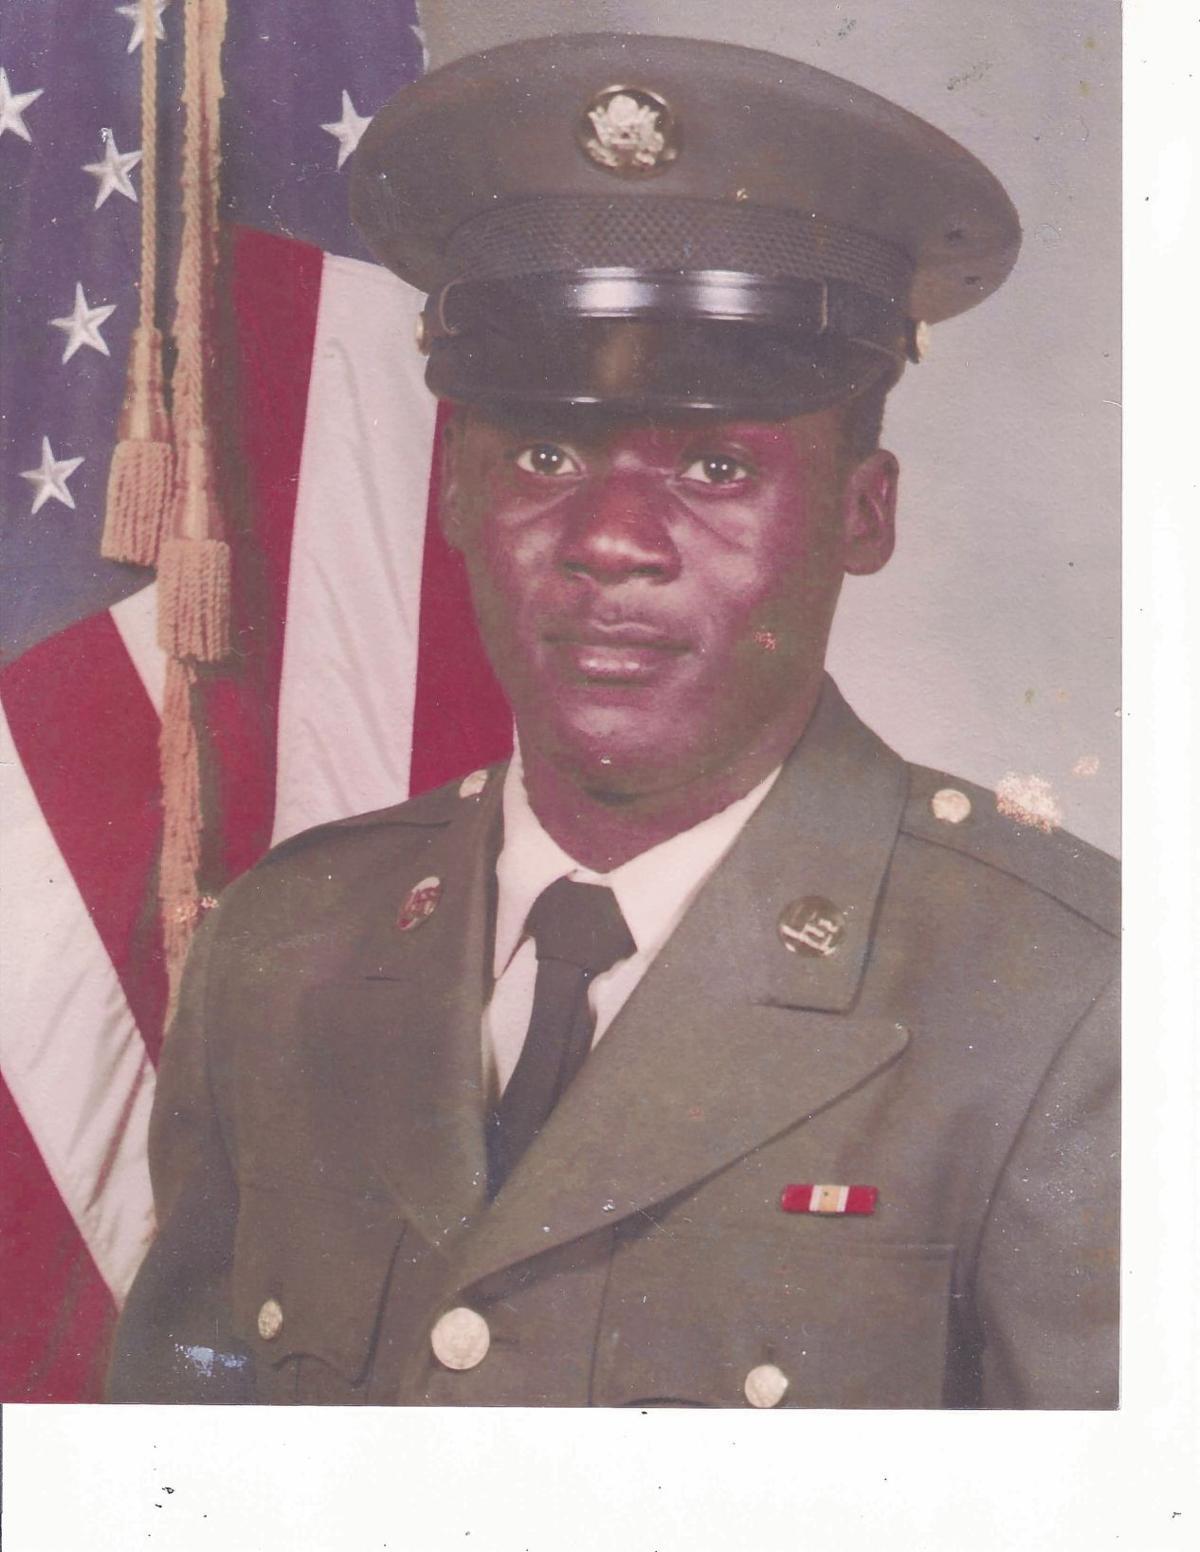 Jackson, Bernard - Army 1974-1977